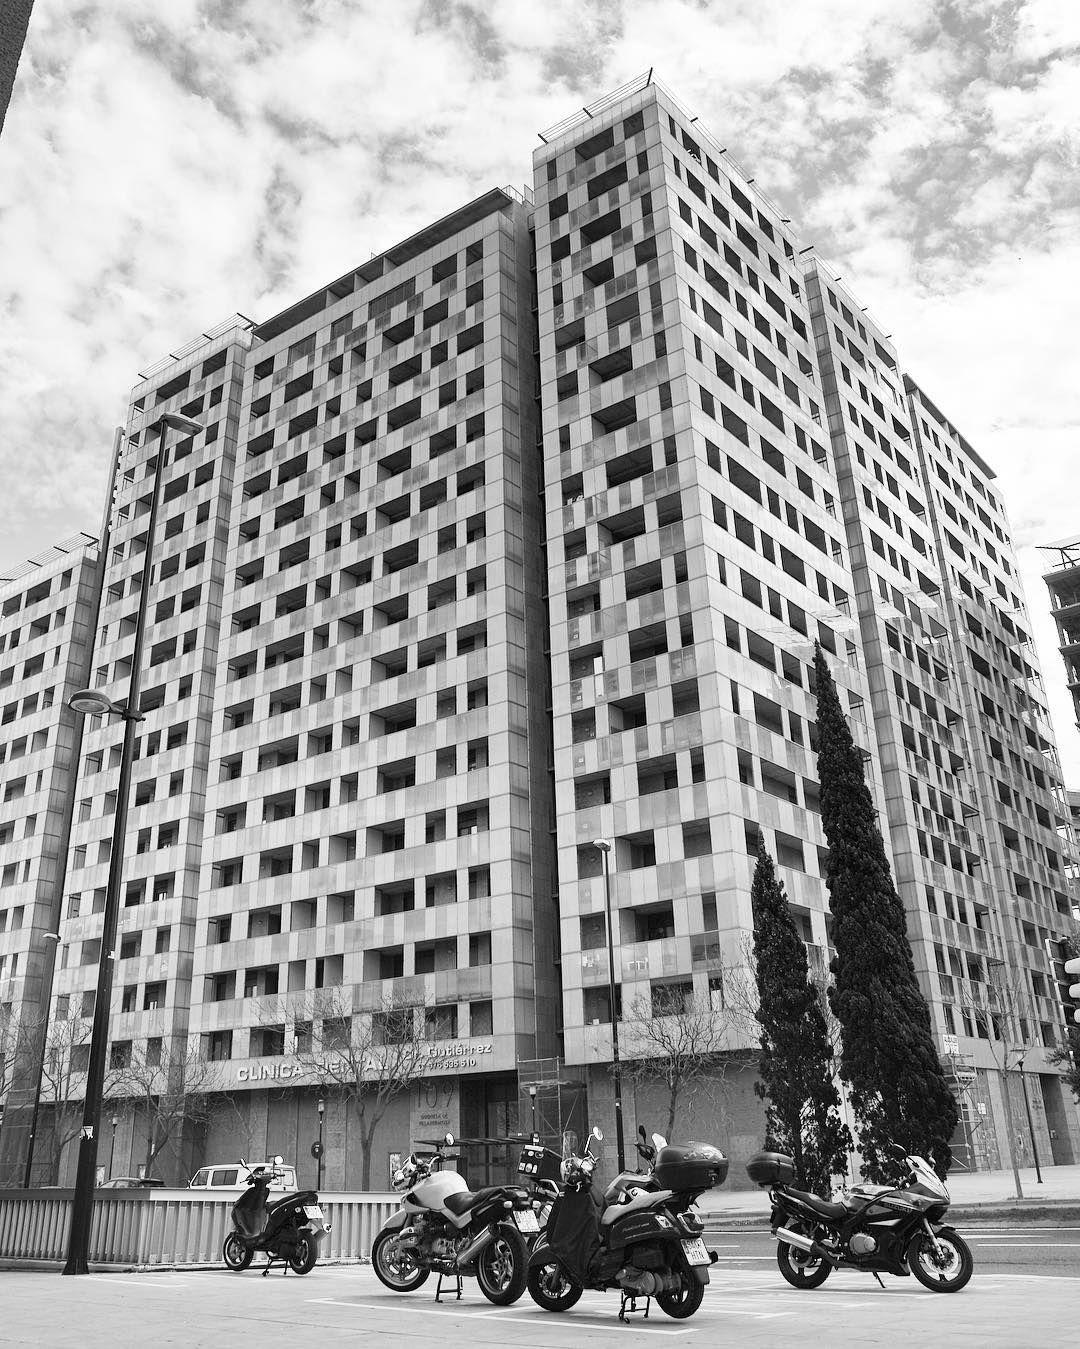 Edificio En Duquesa Villahermosa Con V A Universitas Frente Al  # Muebles Duquesa Villahermosa Zaragoza